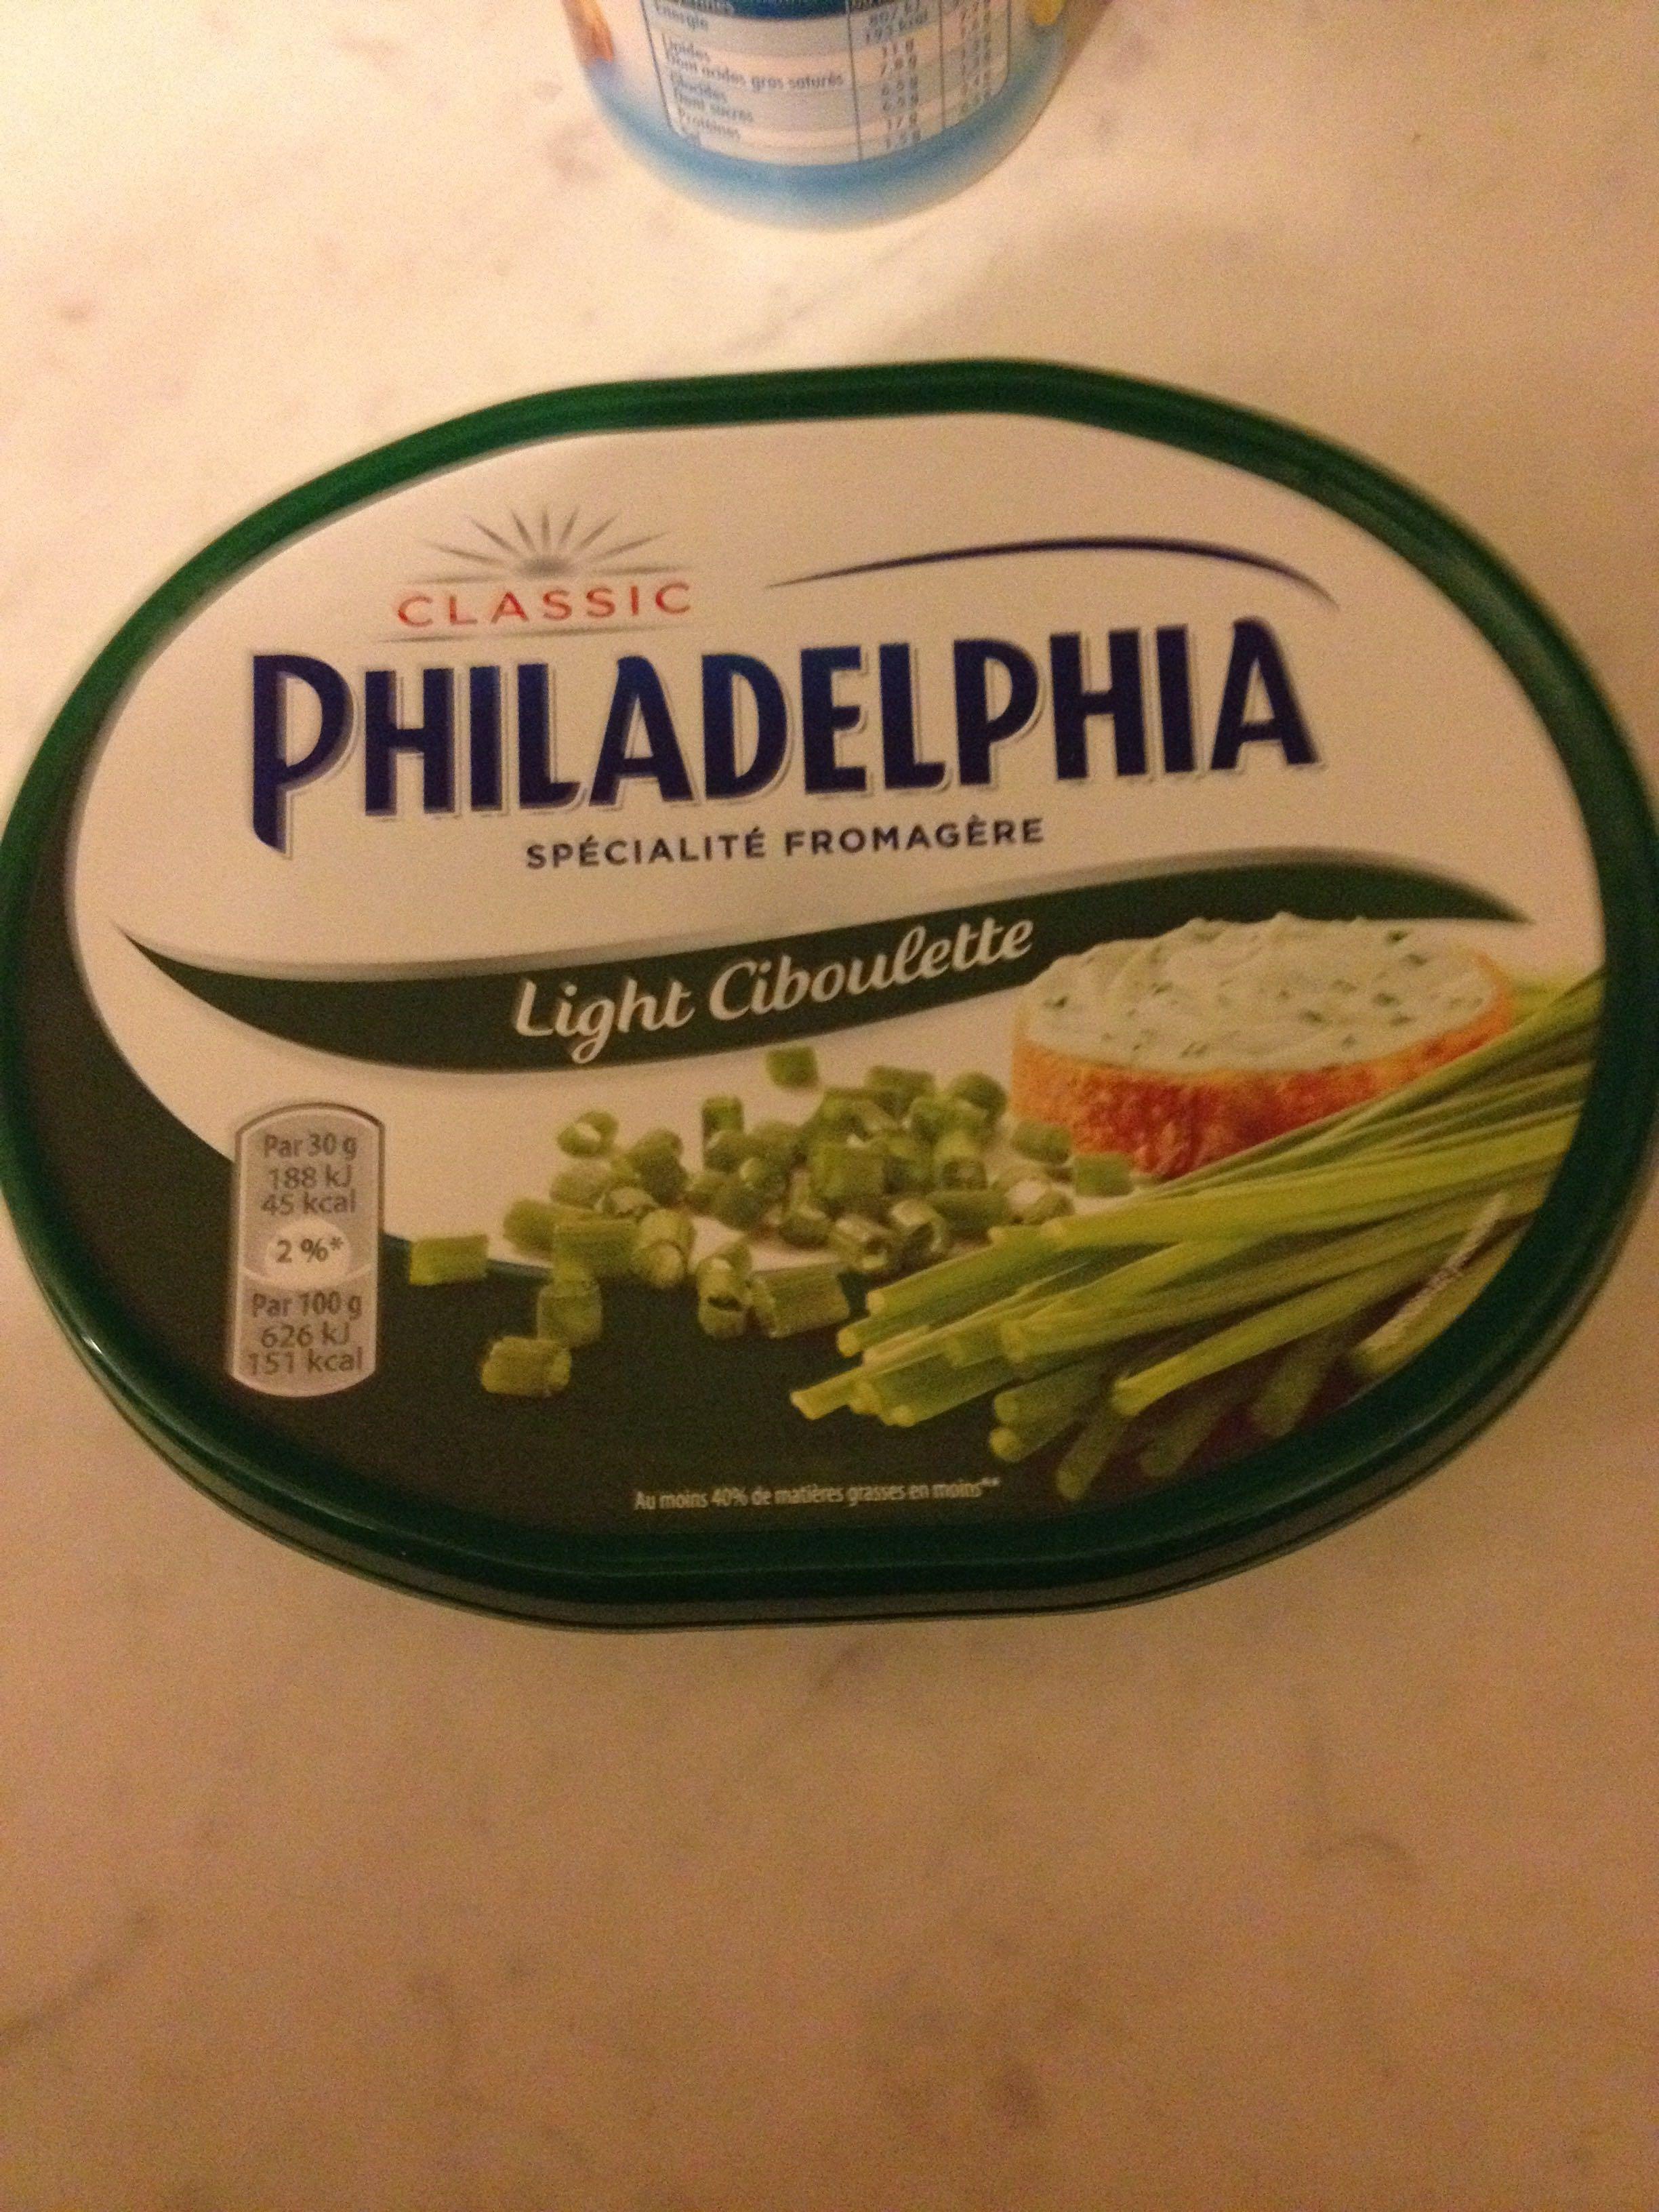 Philadelphia light ciboulette - Produit - fr